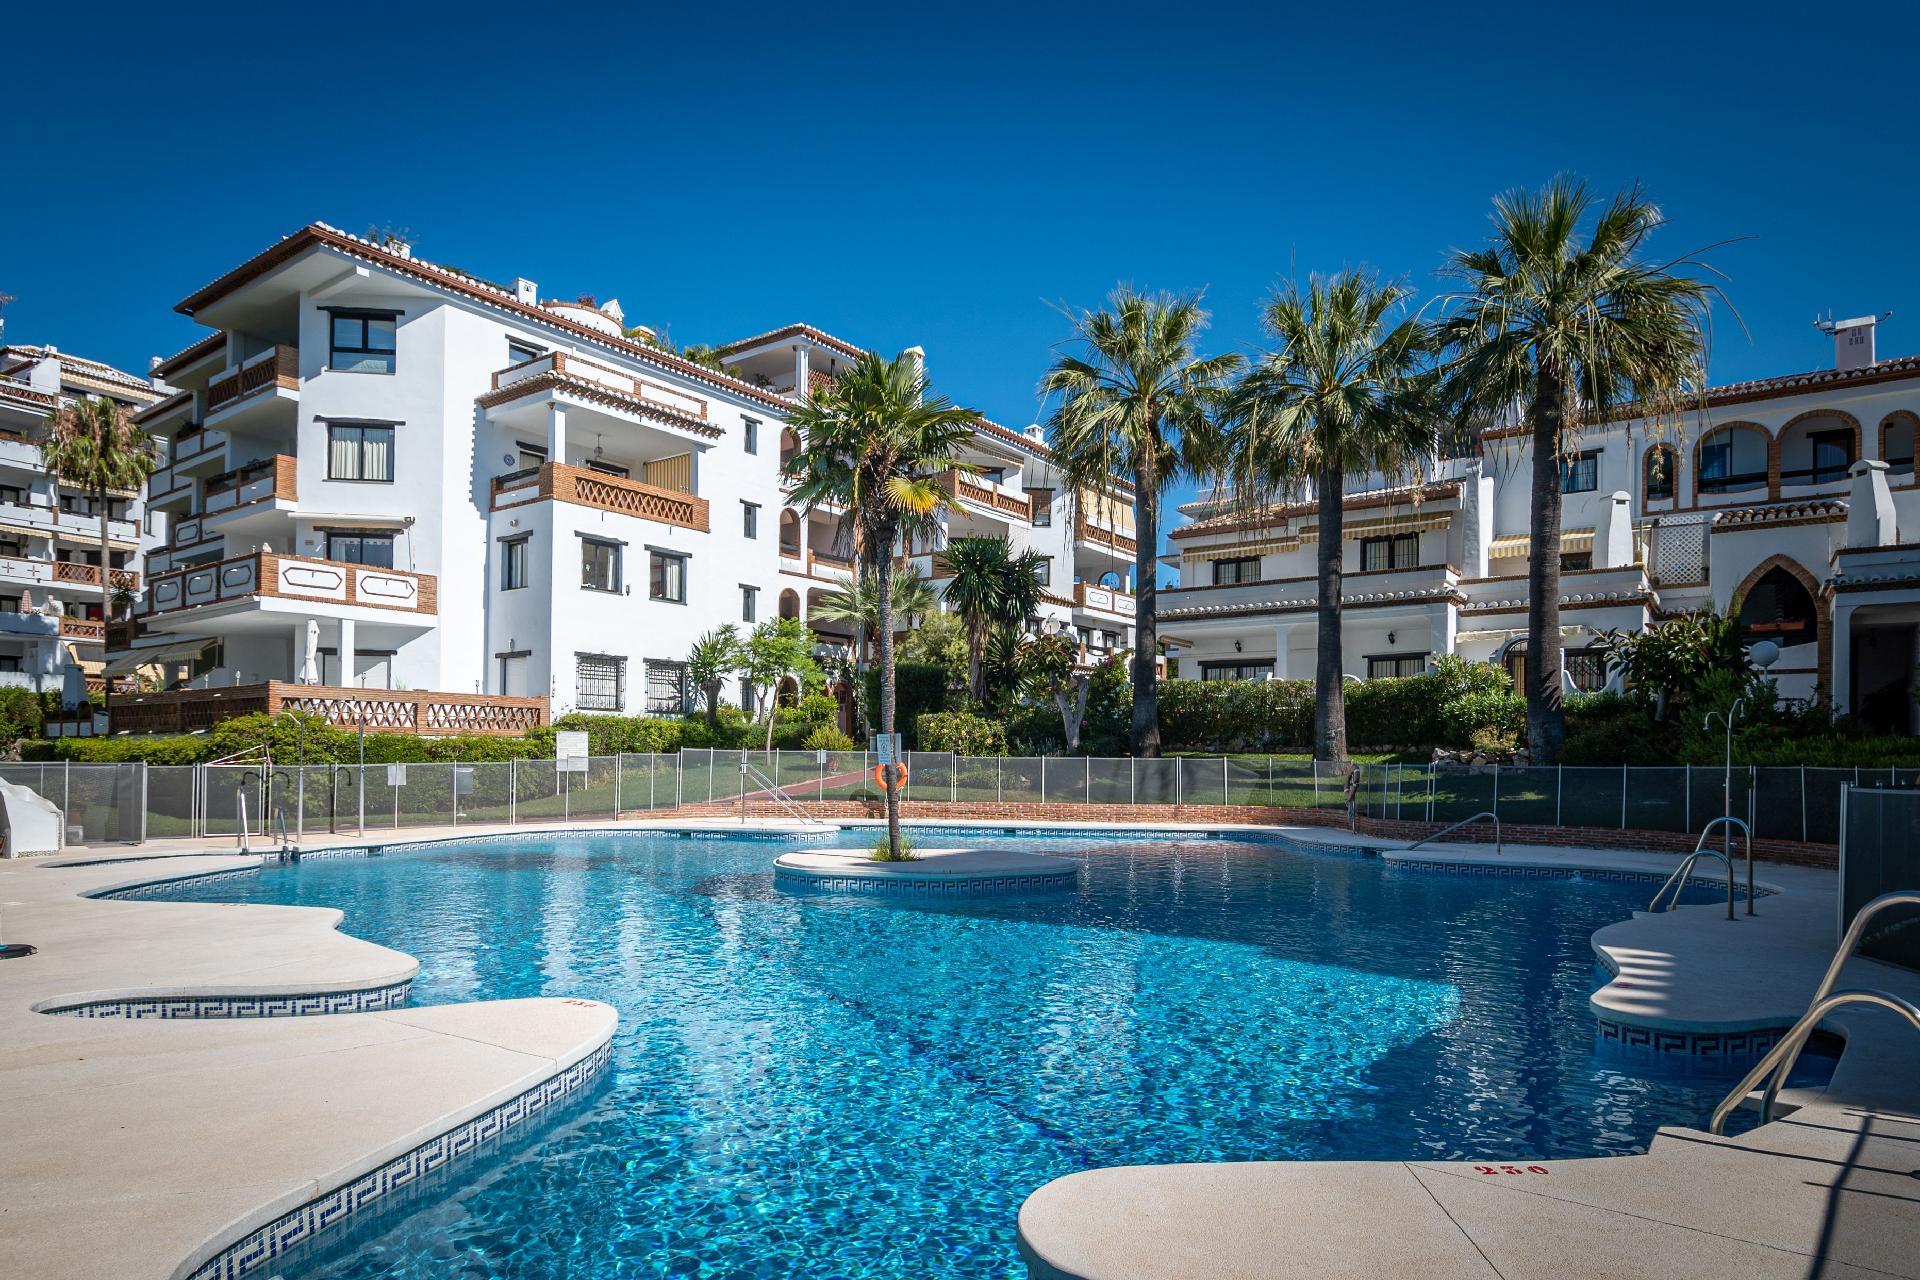 Ferienwohnung für 4 Personen ca. 100 m²   in Spanien